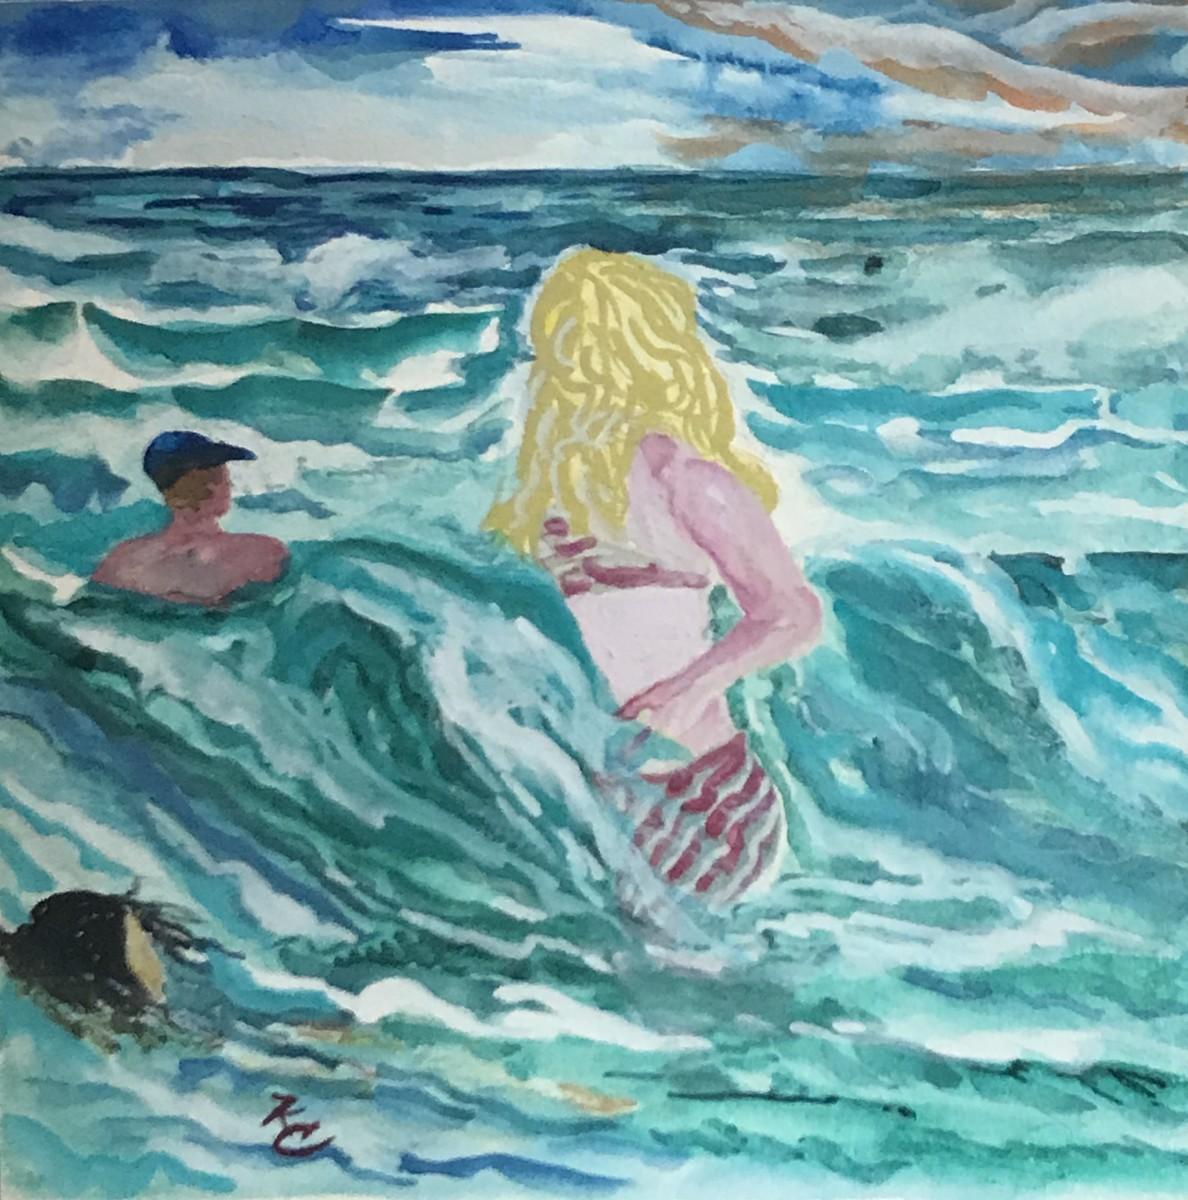 270 - The Pleasure of Aquamarine